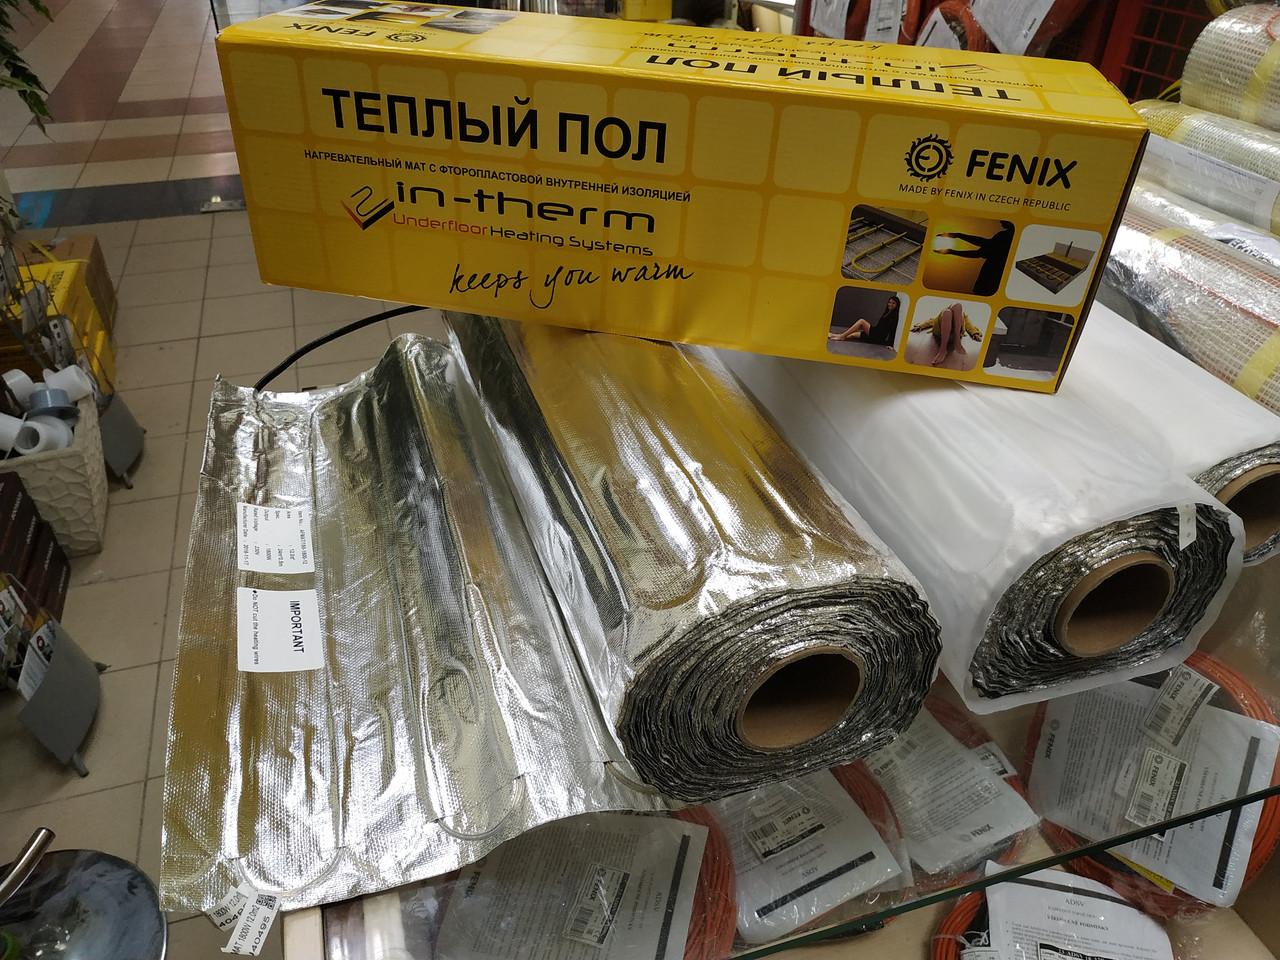 Алюмінієвий мат In-Therm AFMAT 2 m2 під лінолеум, килимове покриття